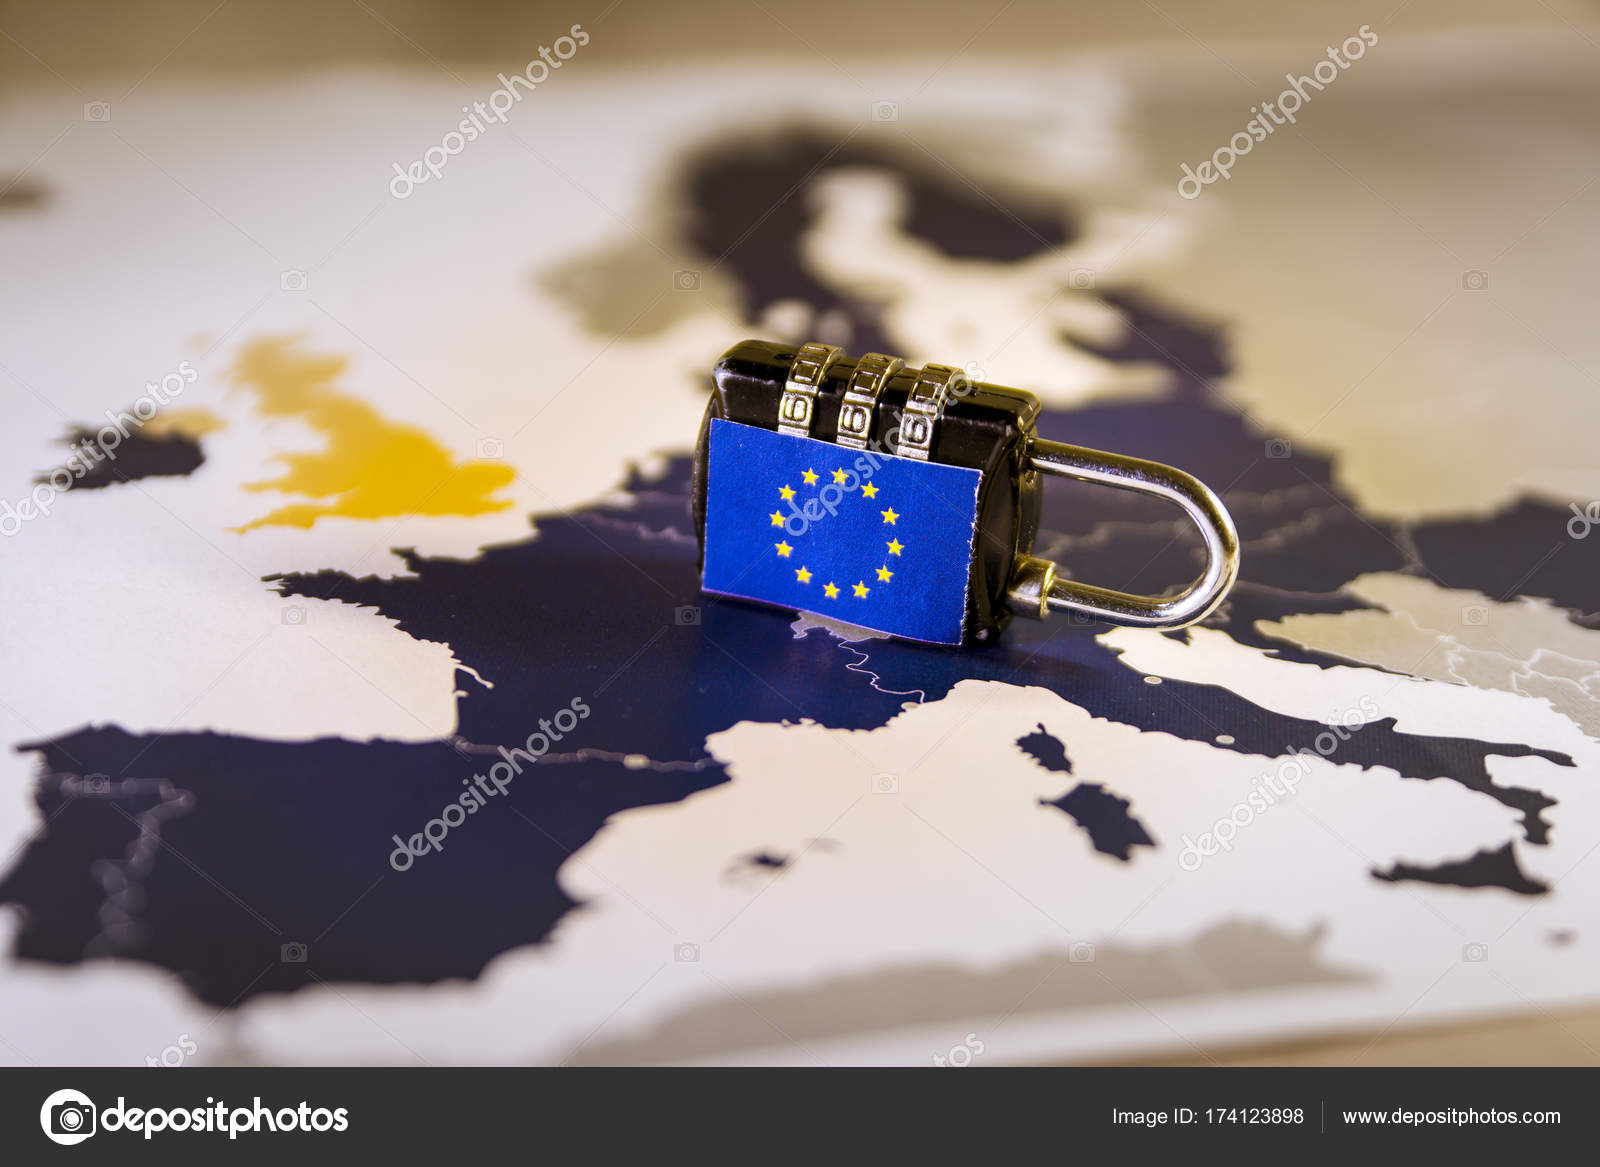 padlock over eu map gdpr metaphor stock photo tbtb 174123898